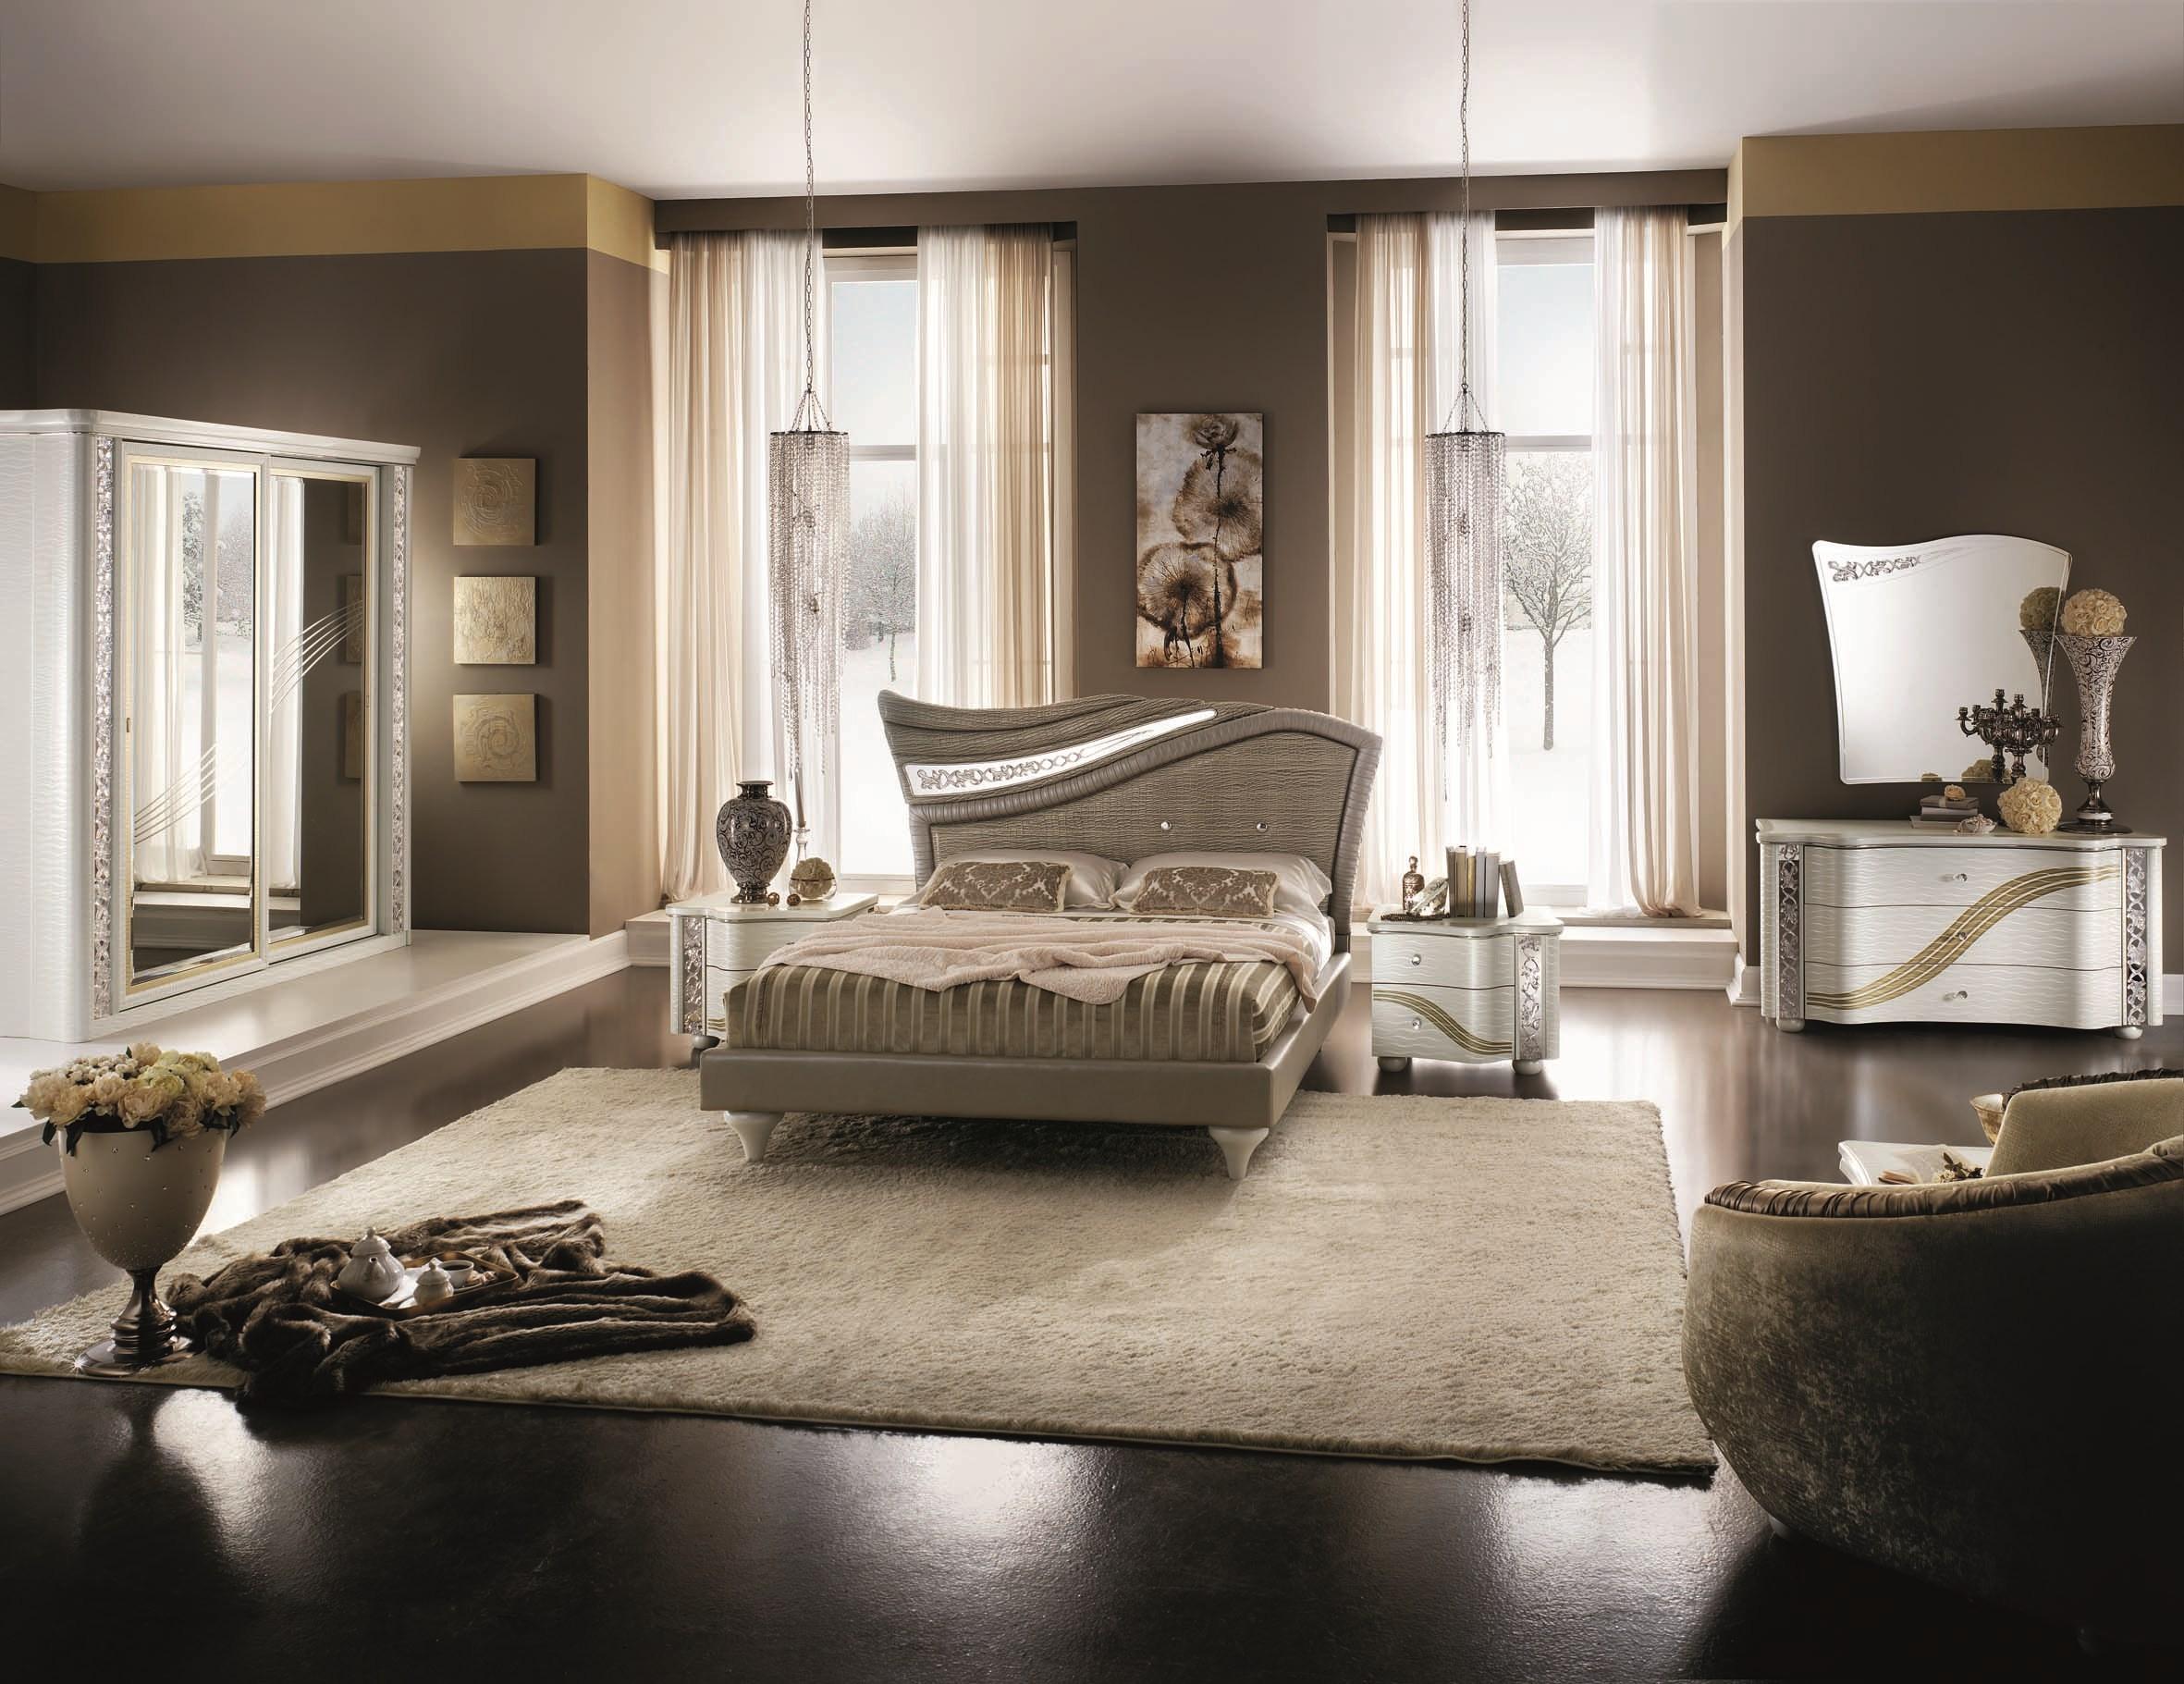 Montaggio camera da letto Milano da 50€ - Tel 338.7752489